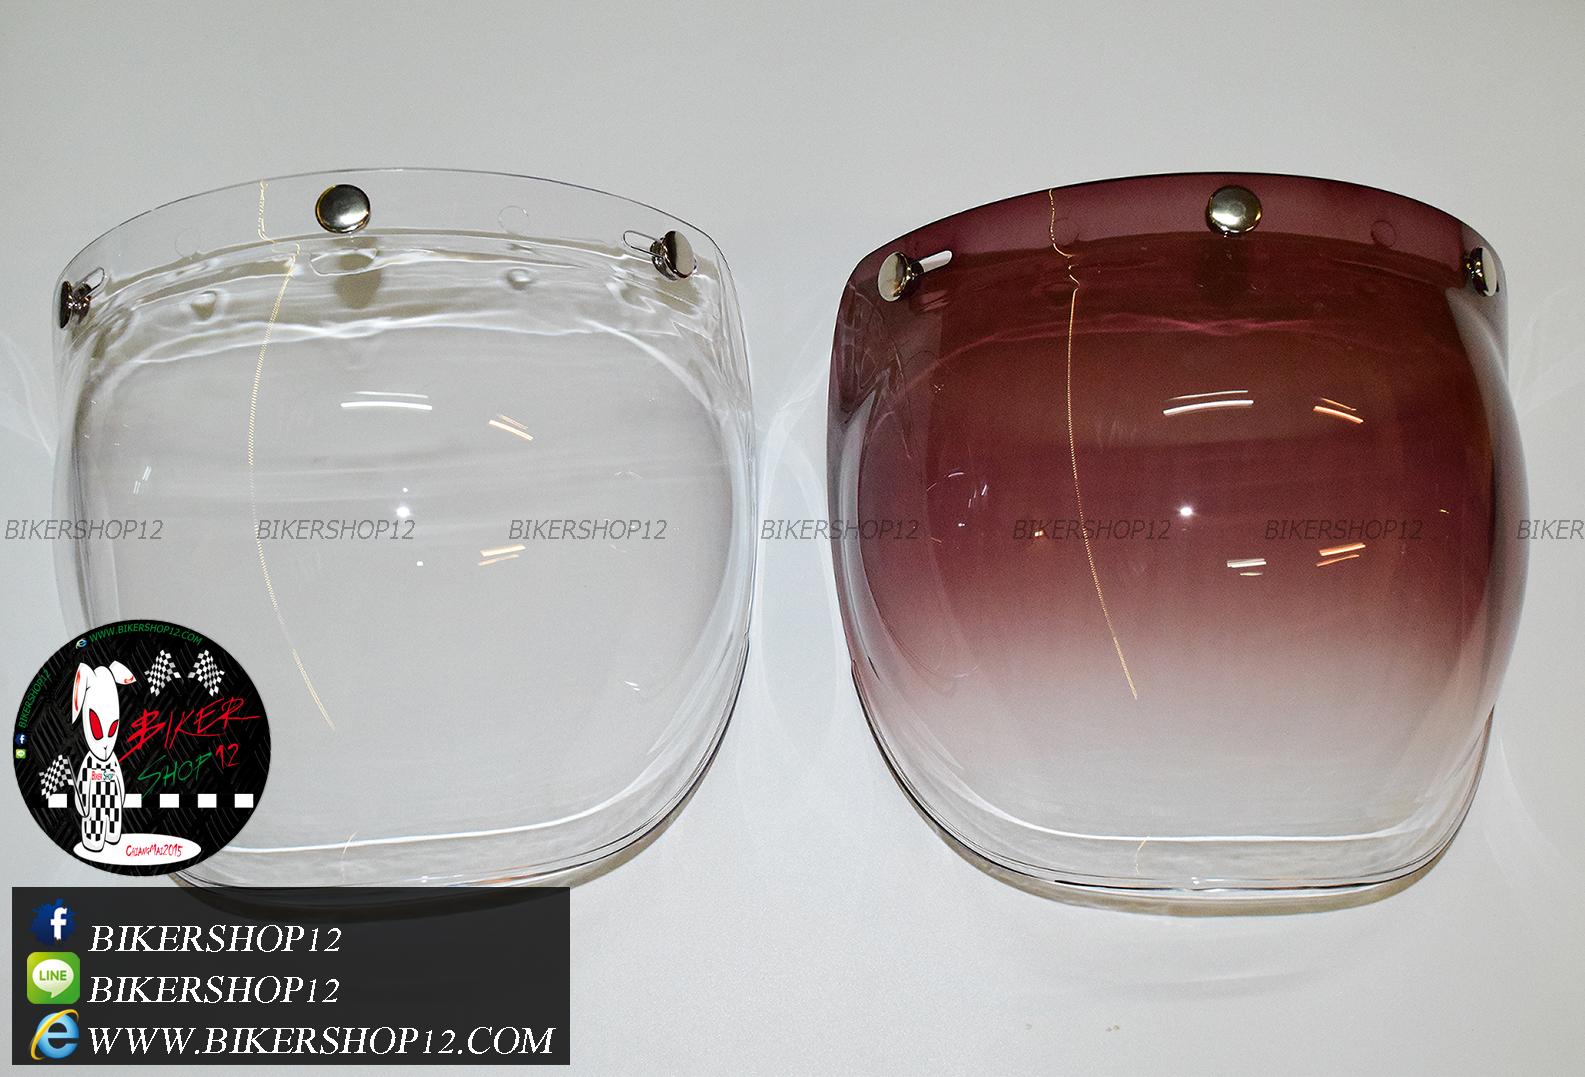 Shieldหรือหน้ากากหมวกกันน็อค แนววินเทจ(เปิดหน้ากากไม่ได้) Bogo ทรง BUBBLE มีสีใส,สีชา